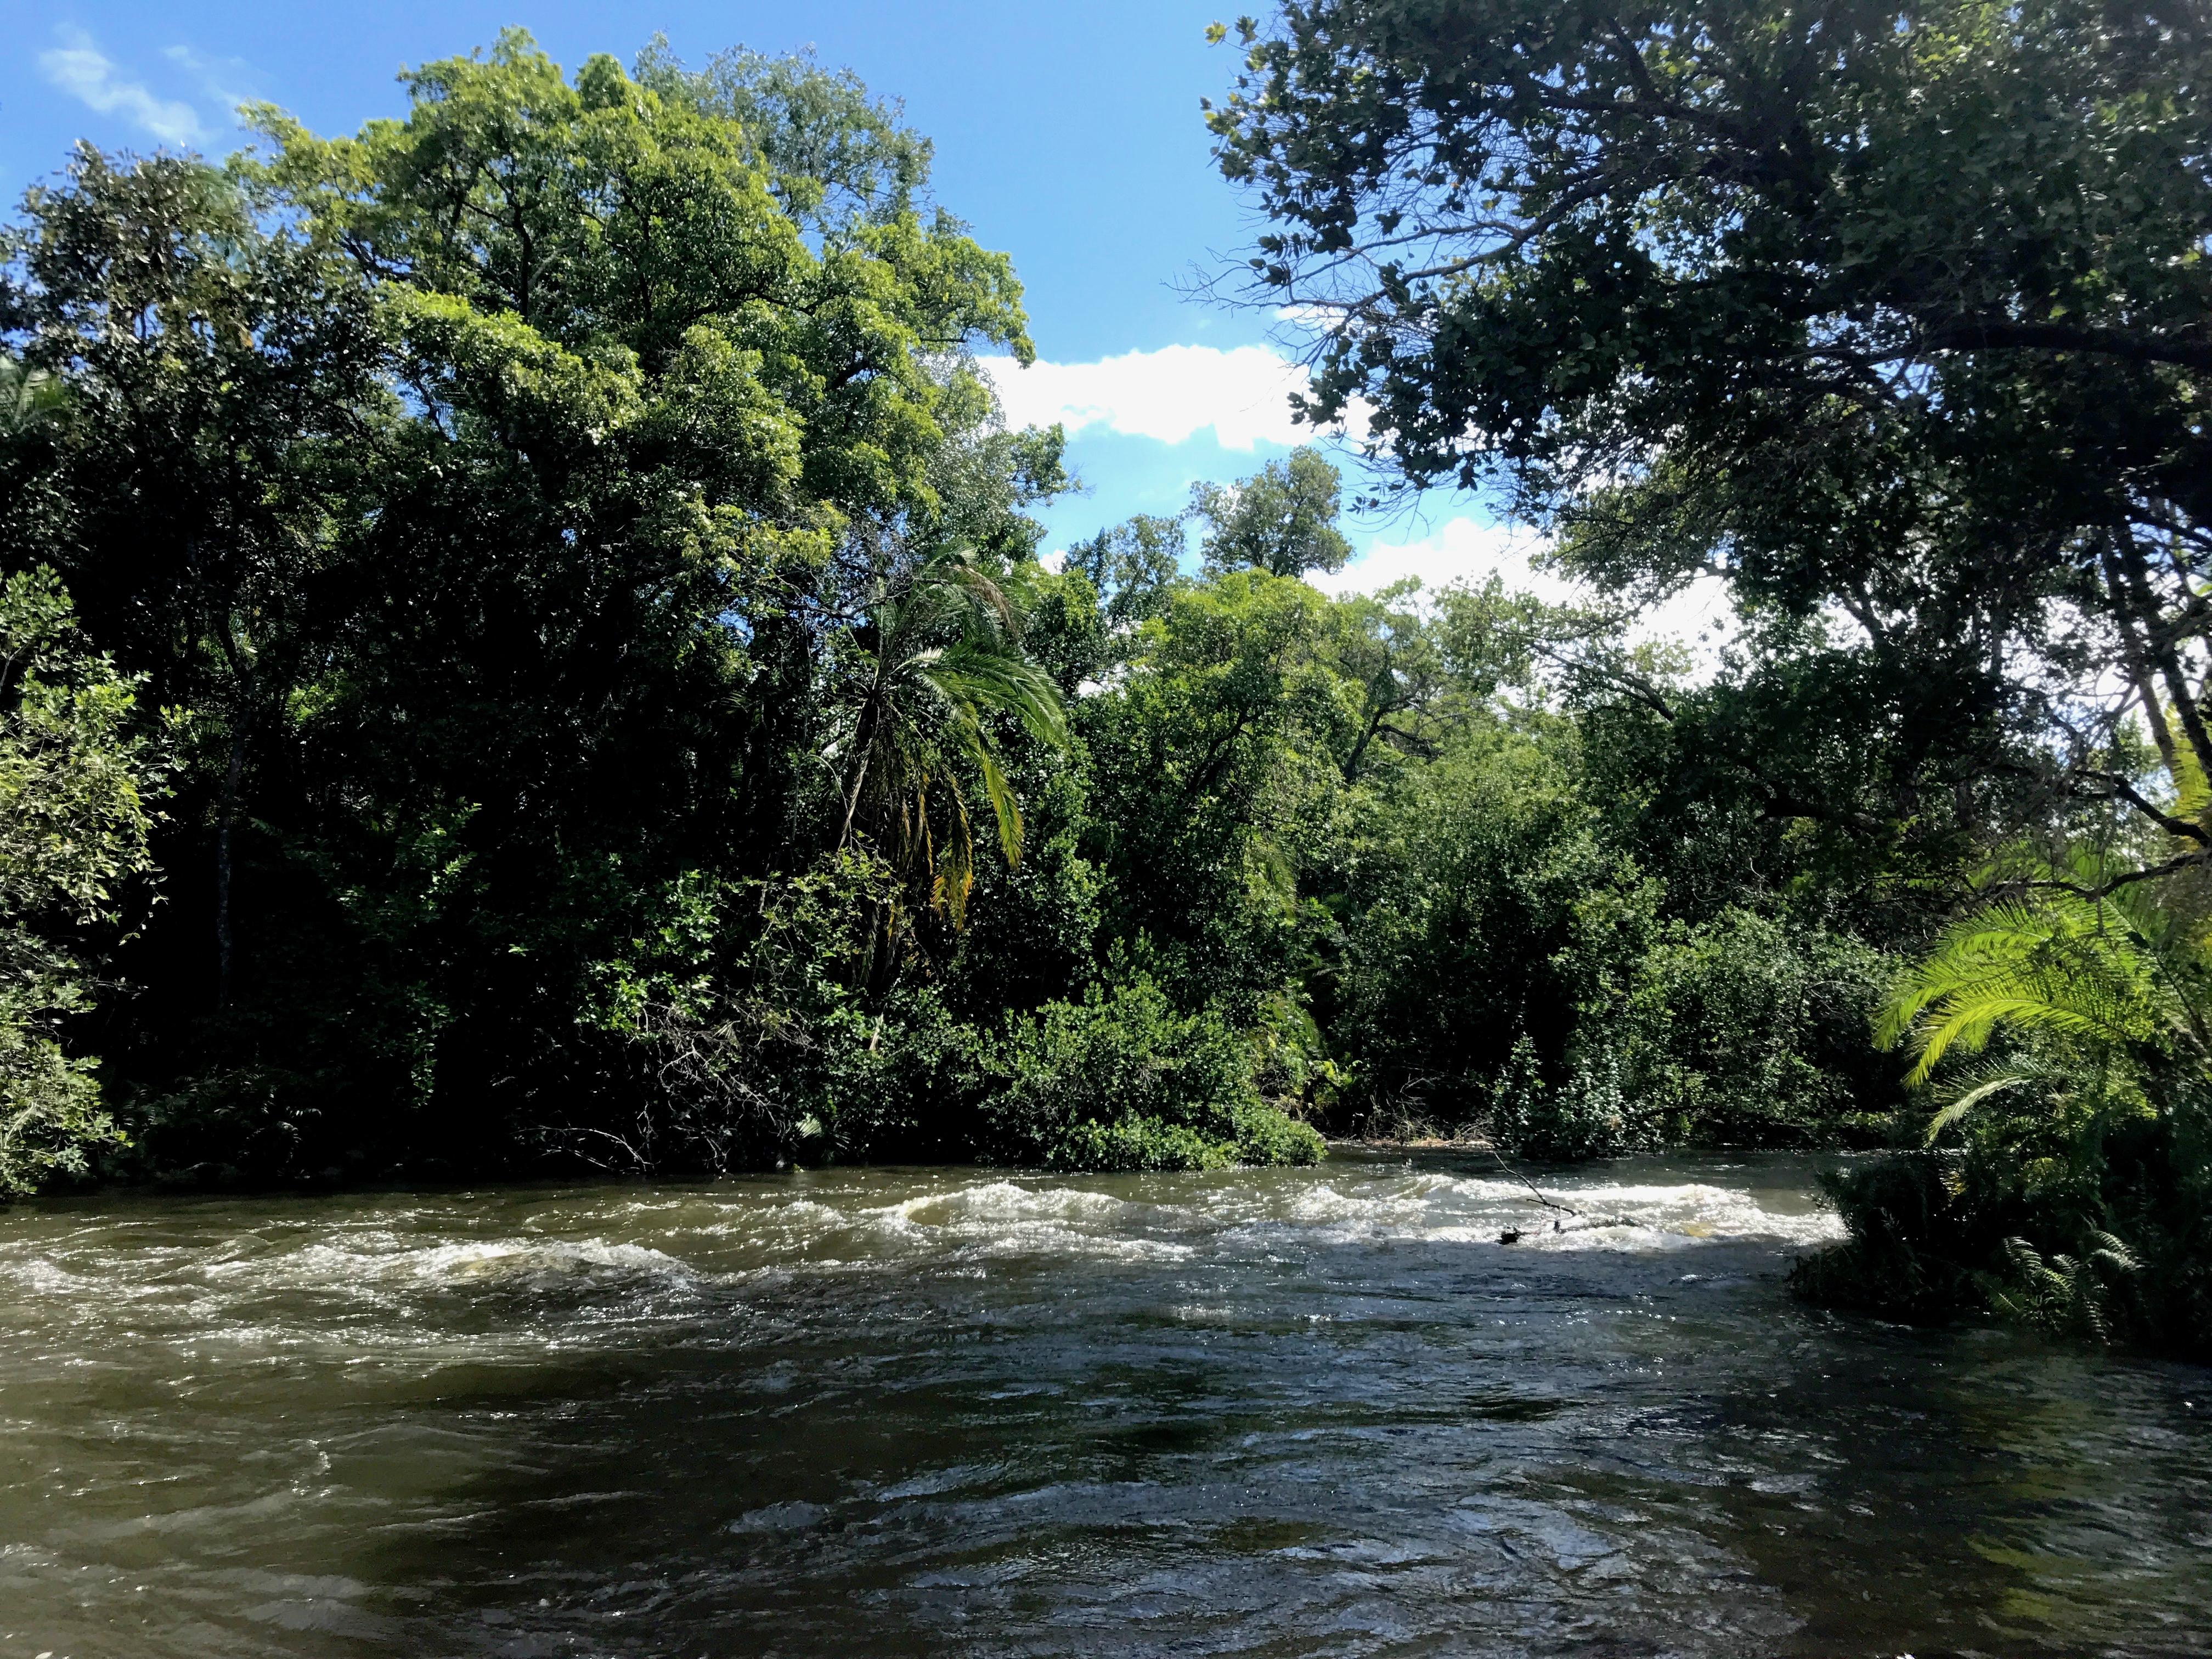 zambezi-river-royalchundu-lustforthesublime